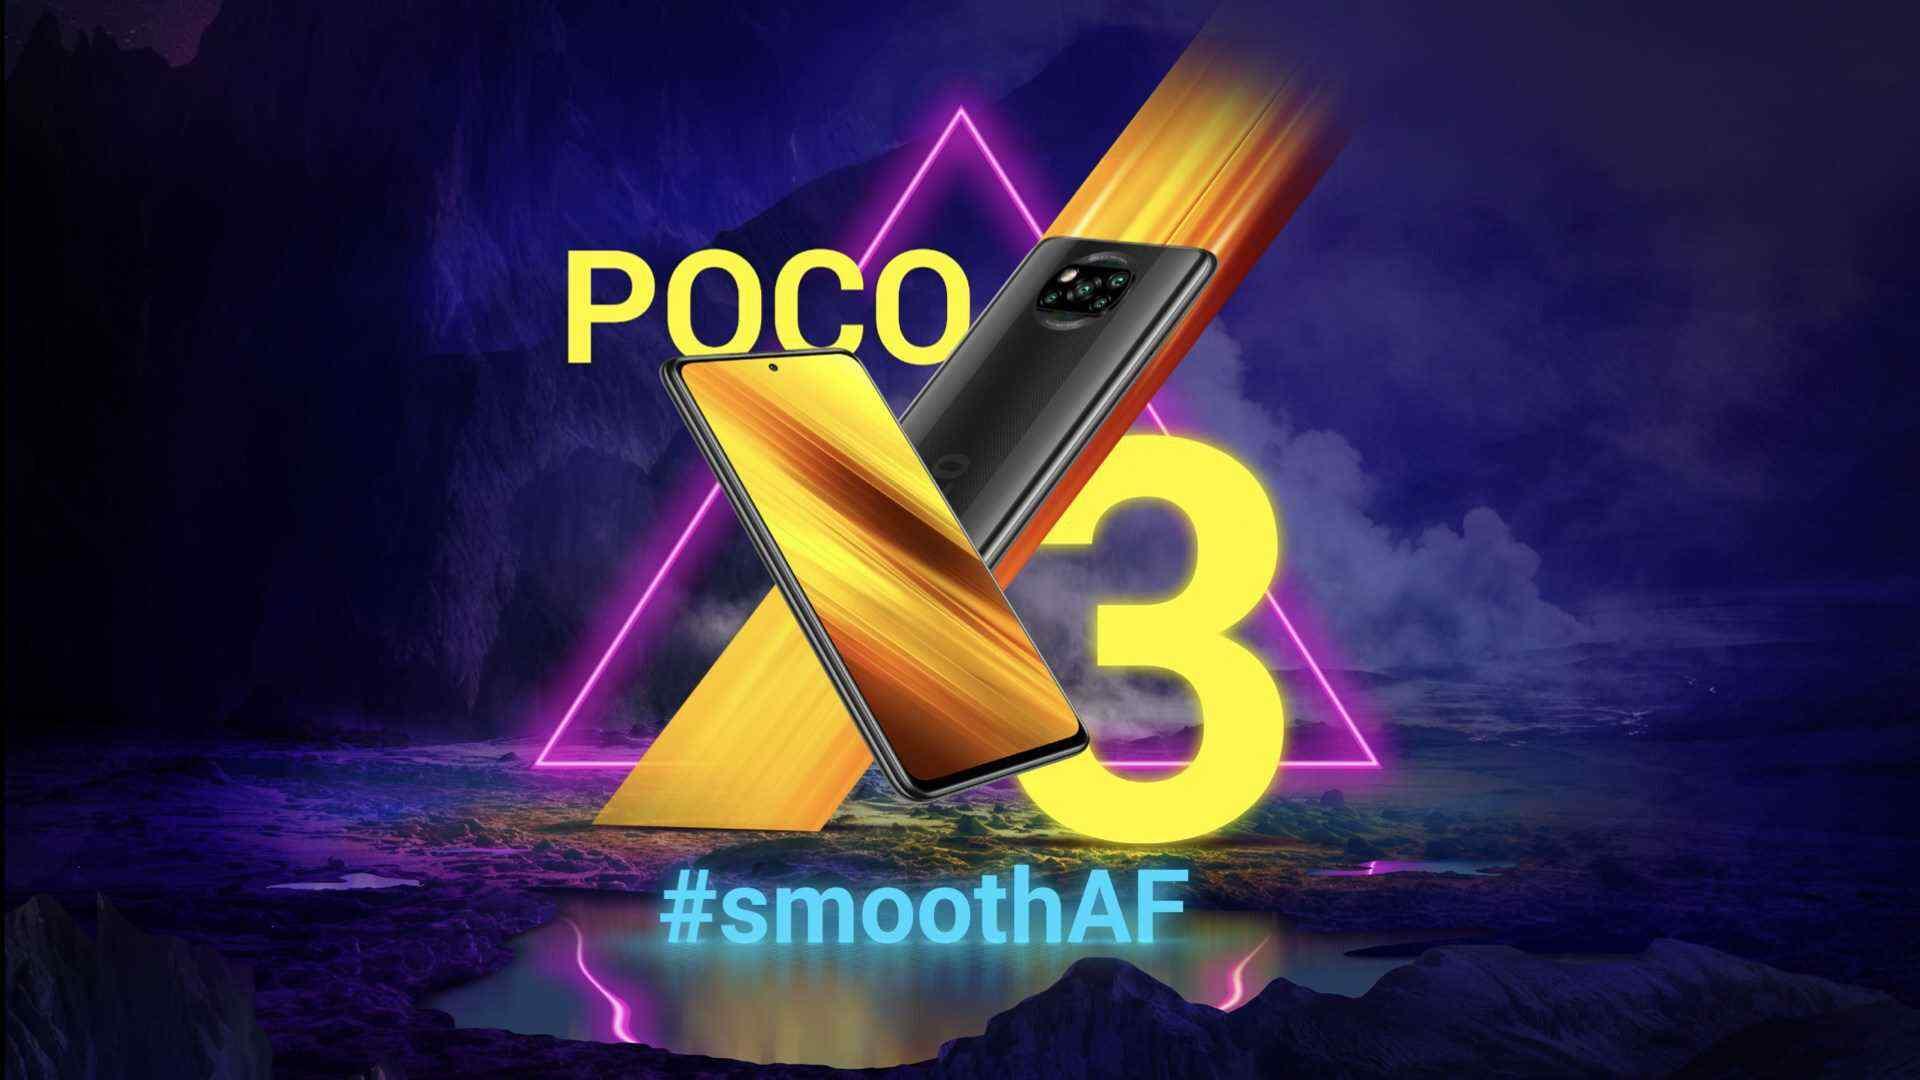 Poco X3 Indian Edition får Snapdragon 732G SoC och 6000 mAh batteri: Indien pris, specifikationer